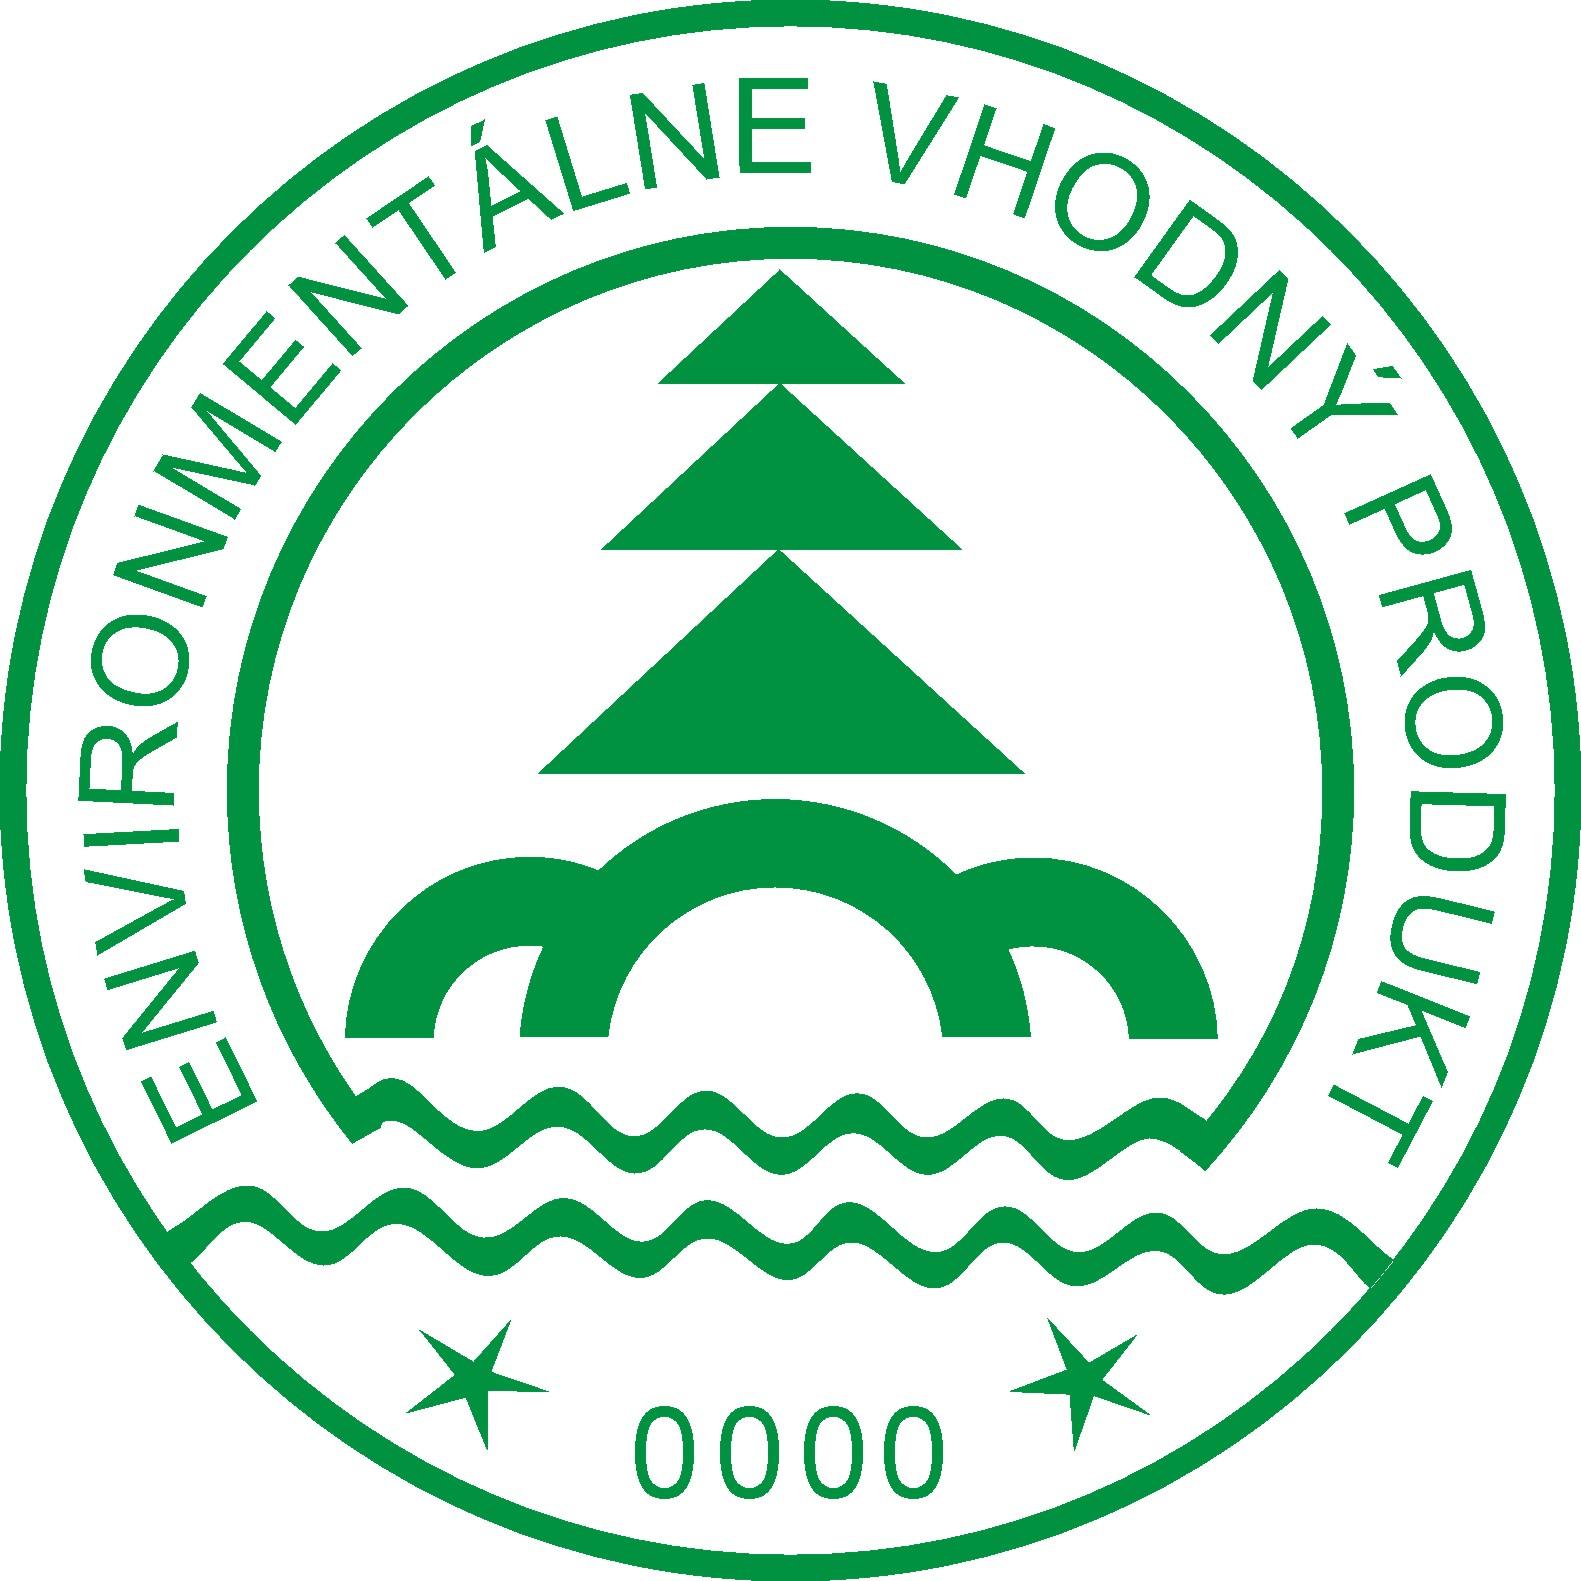 Logo národnej environmentálnej značky - Environmentálne vhodný produkt